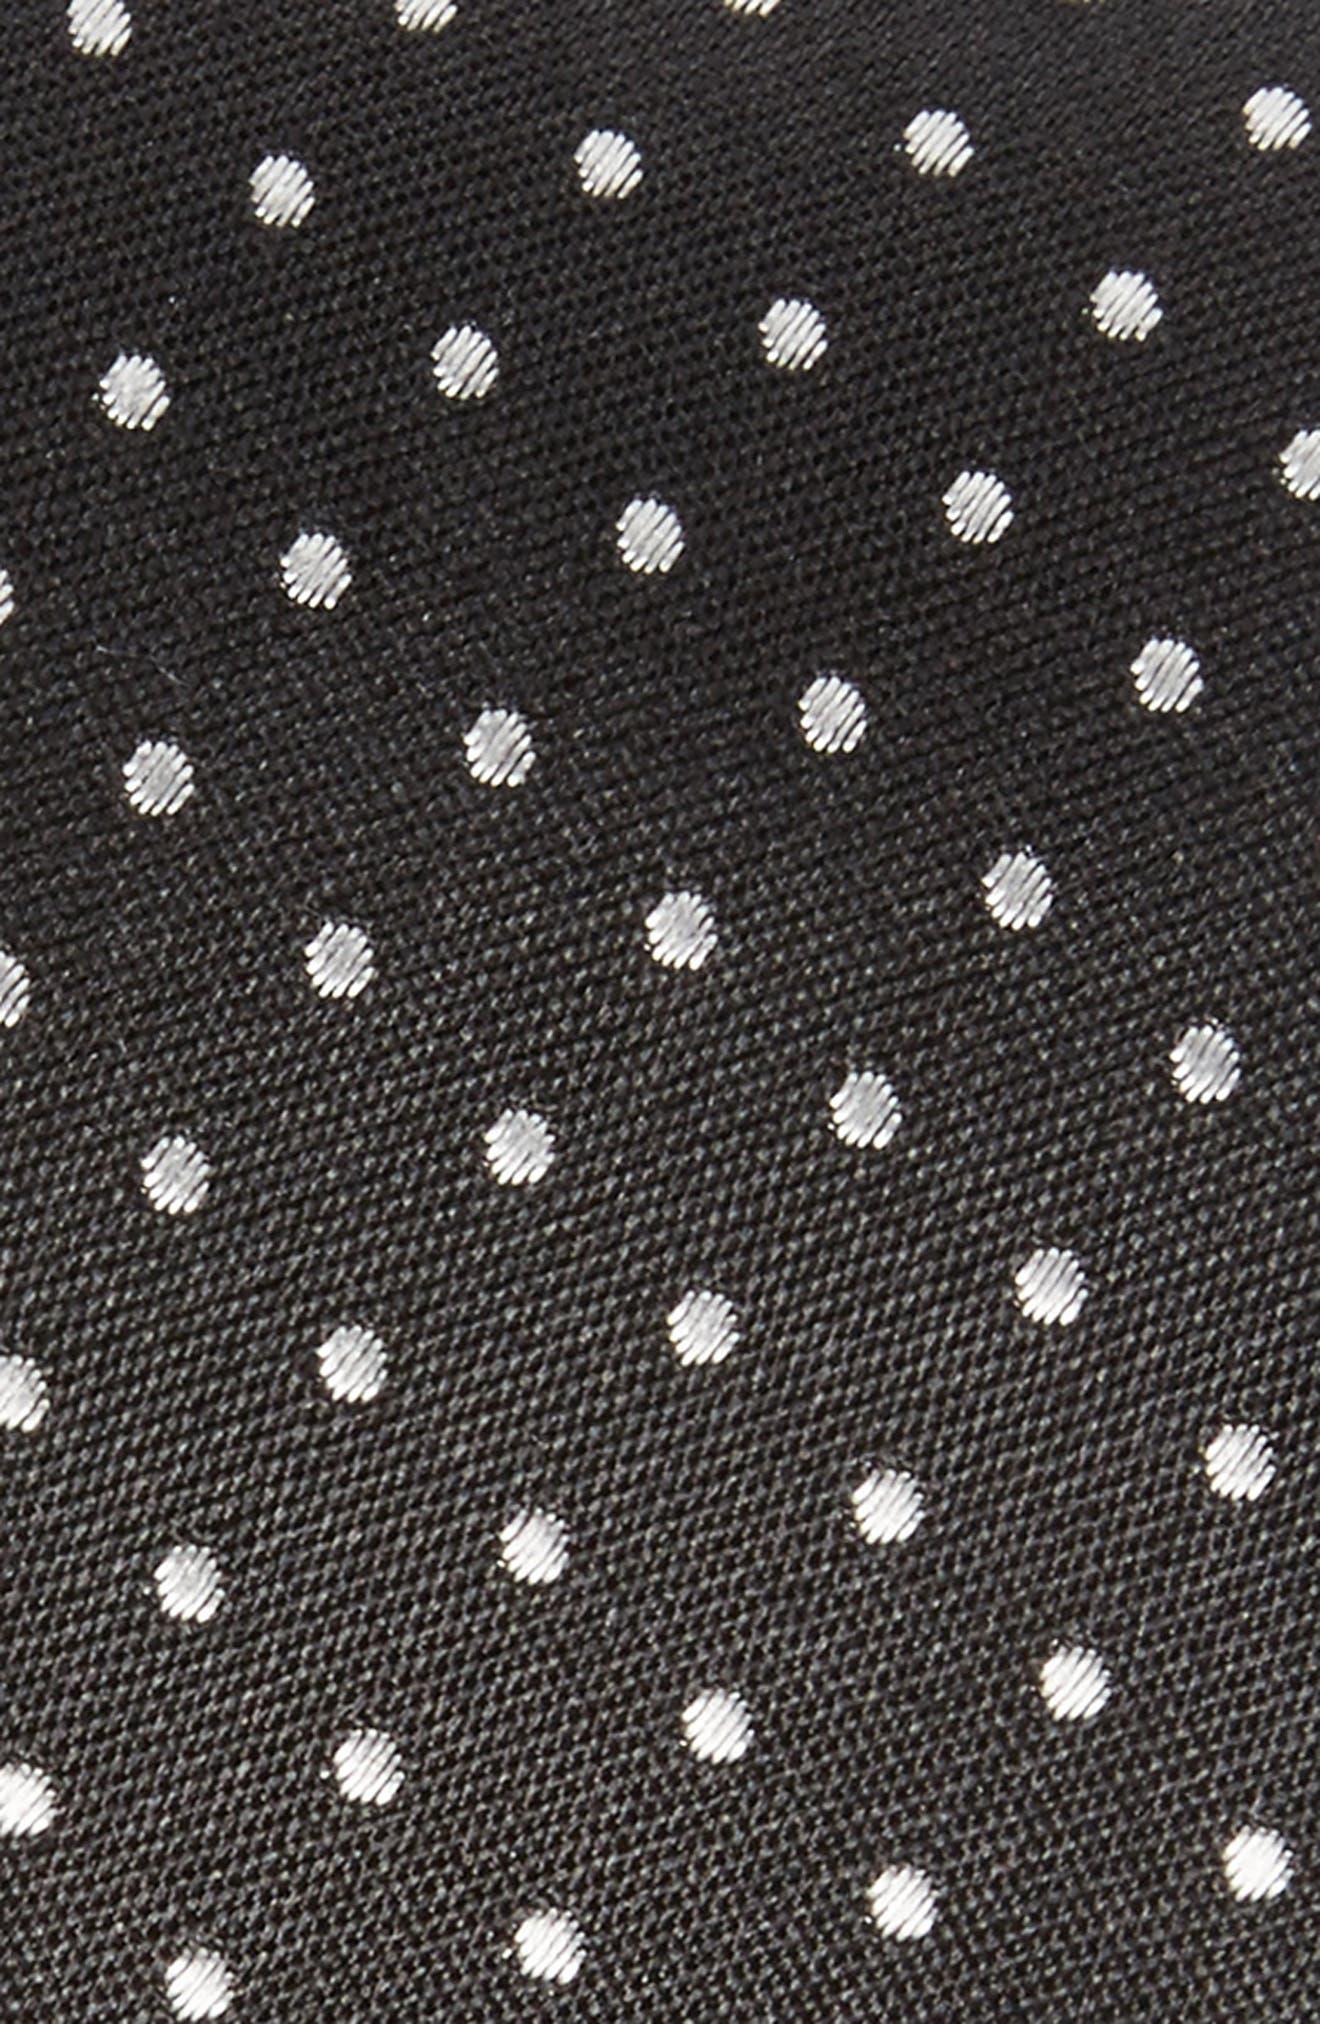 Dot Skinny Silk Tie,                             Alternate thumbnail 2, color,                             001